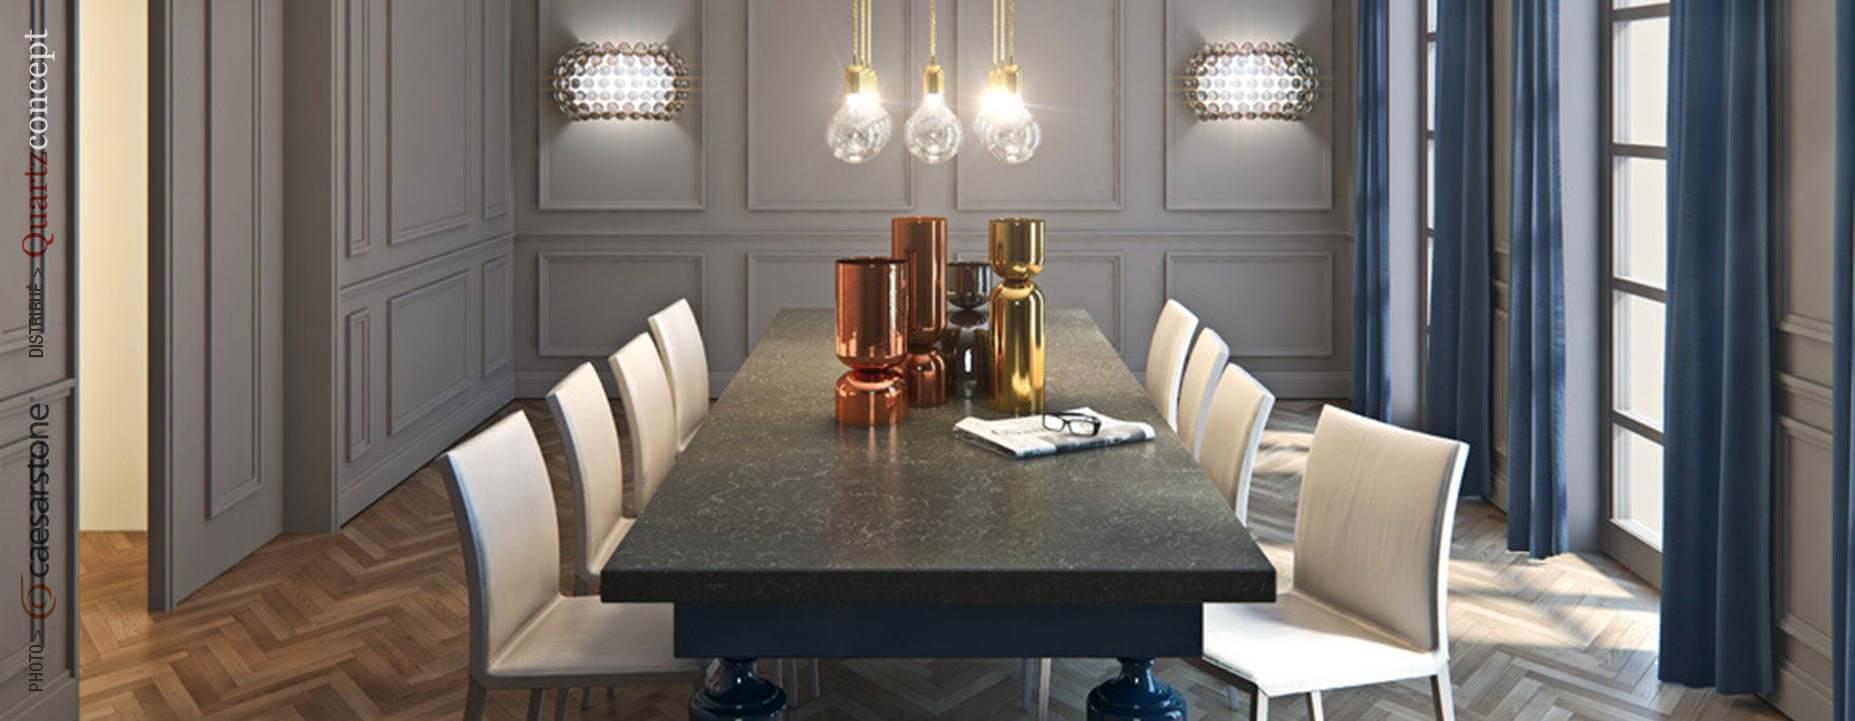 Quartz Caesarstone couleur 5003 piatra grey